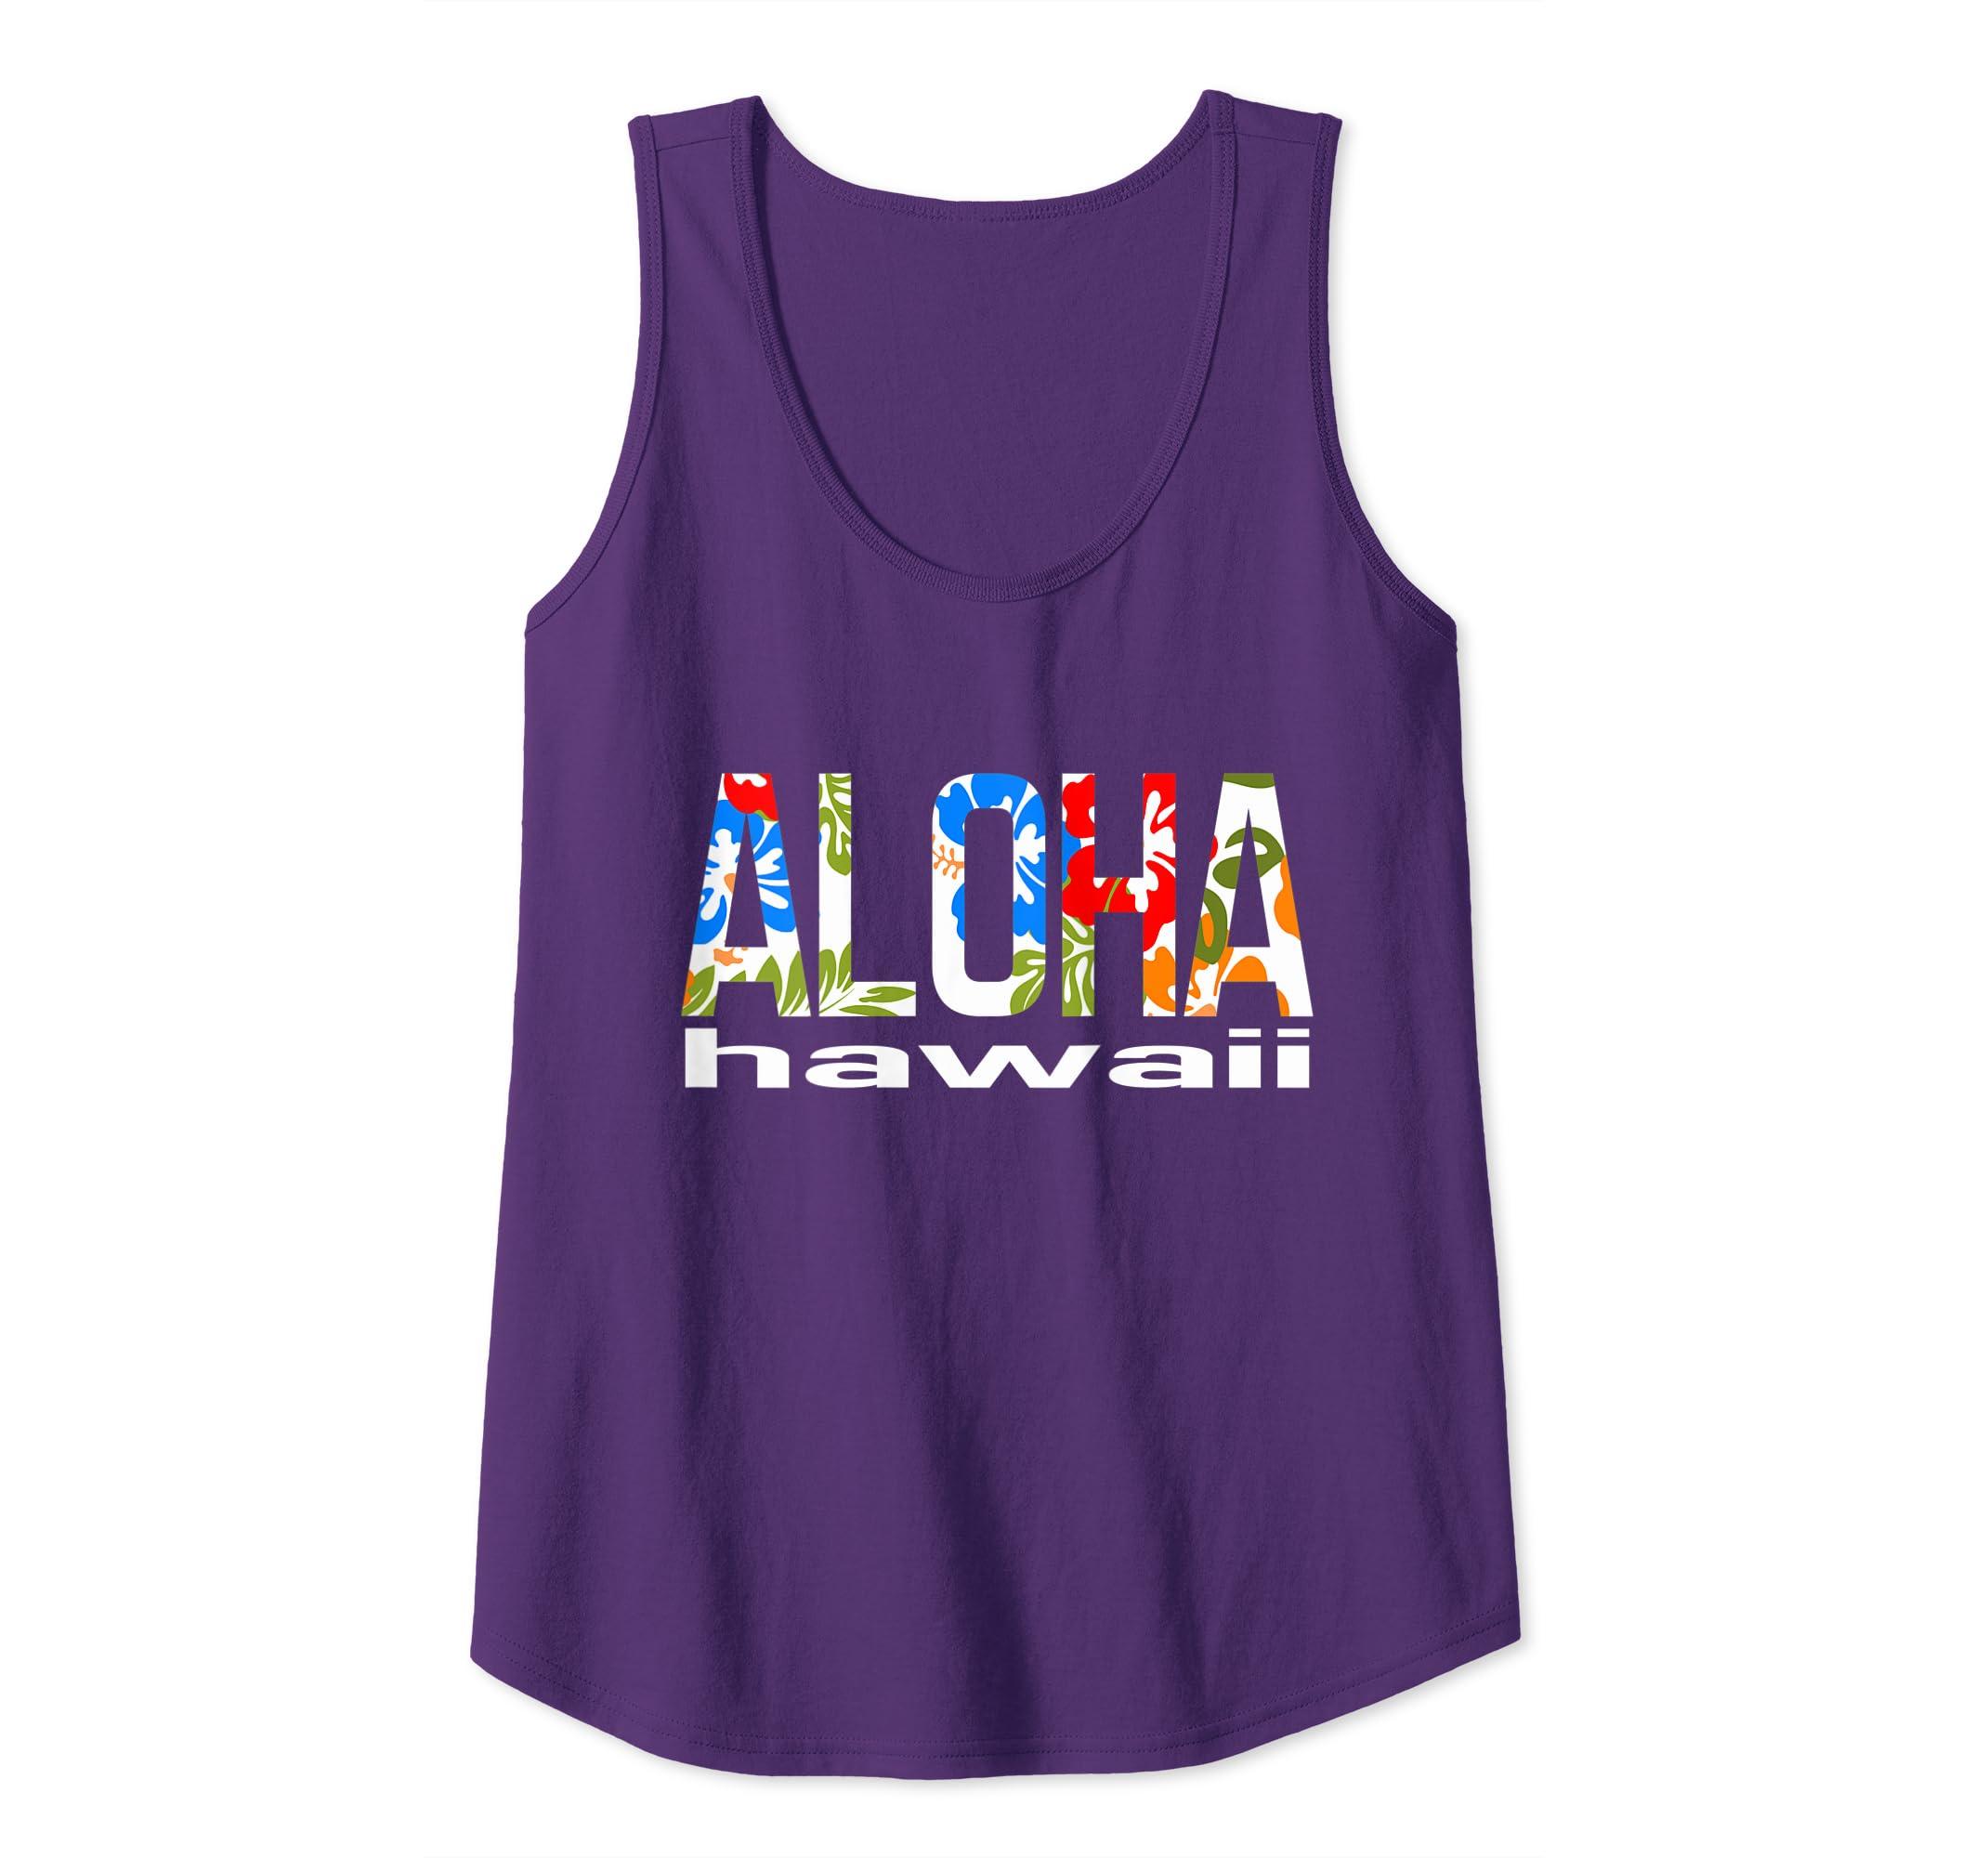 ed3fd0e2 Amazon.com: Aloha Hawaiian Flowers Hawaii Funny Vacation Surf Tank Top:  Clothing